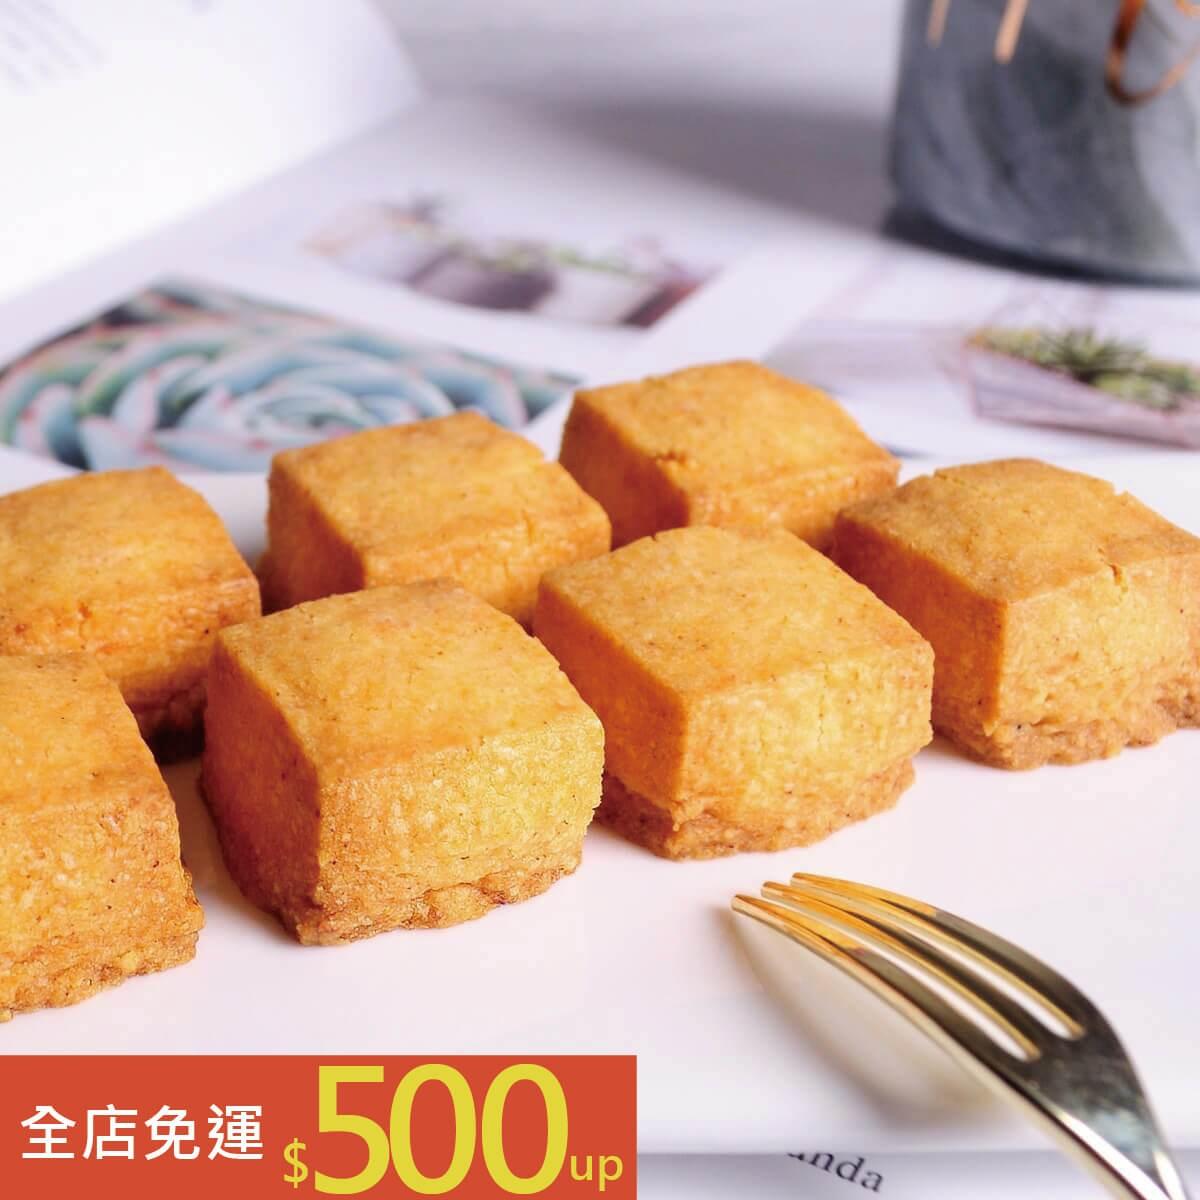 【滿500免運】黃金乳酪方塊